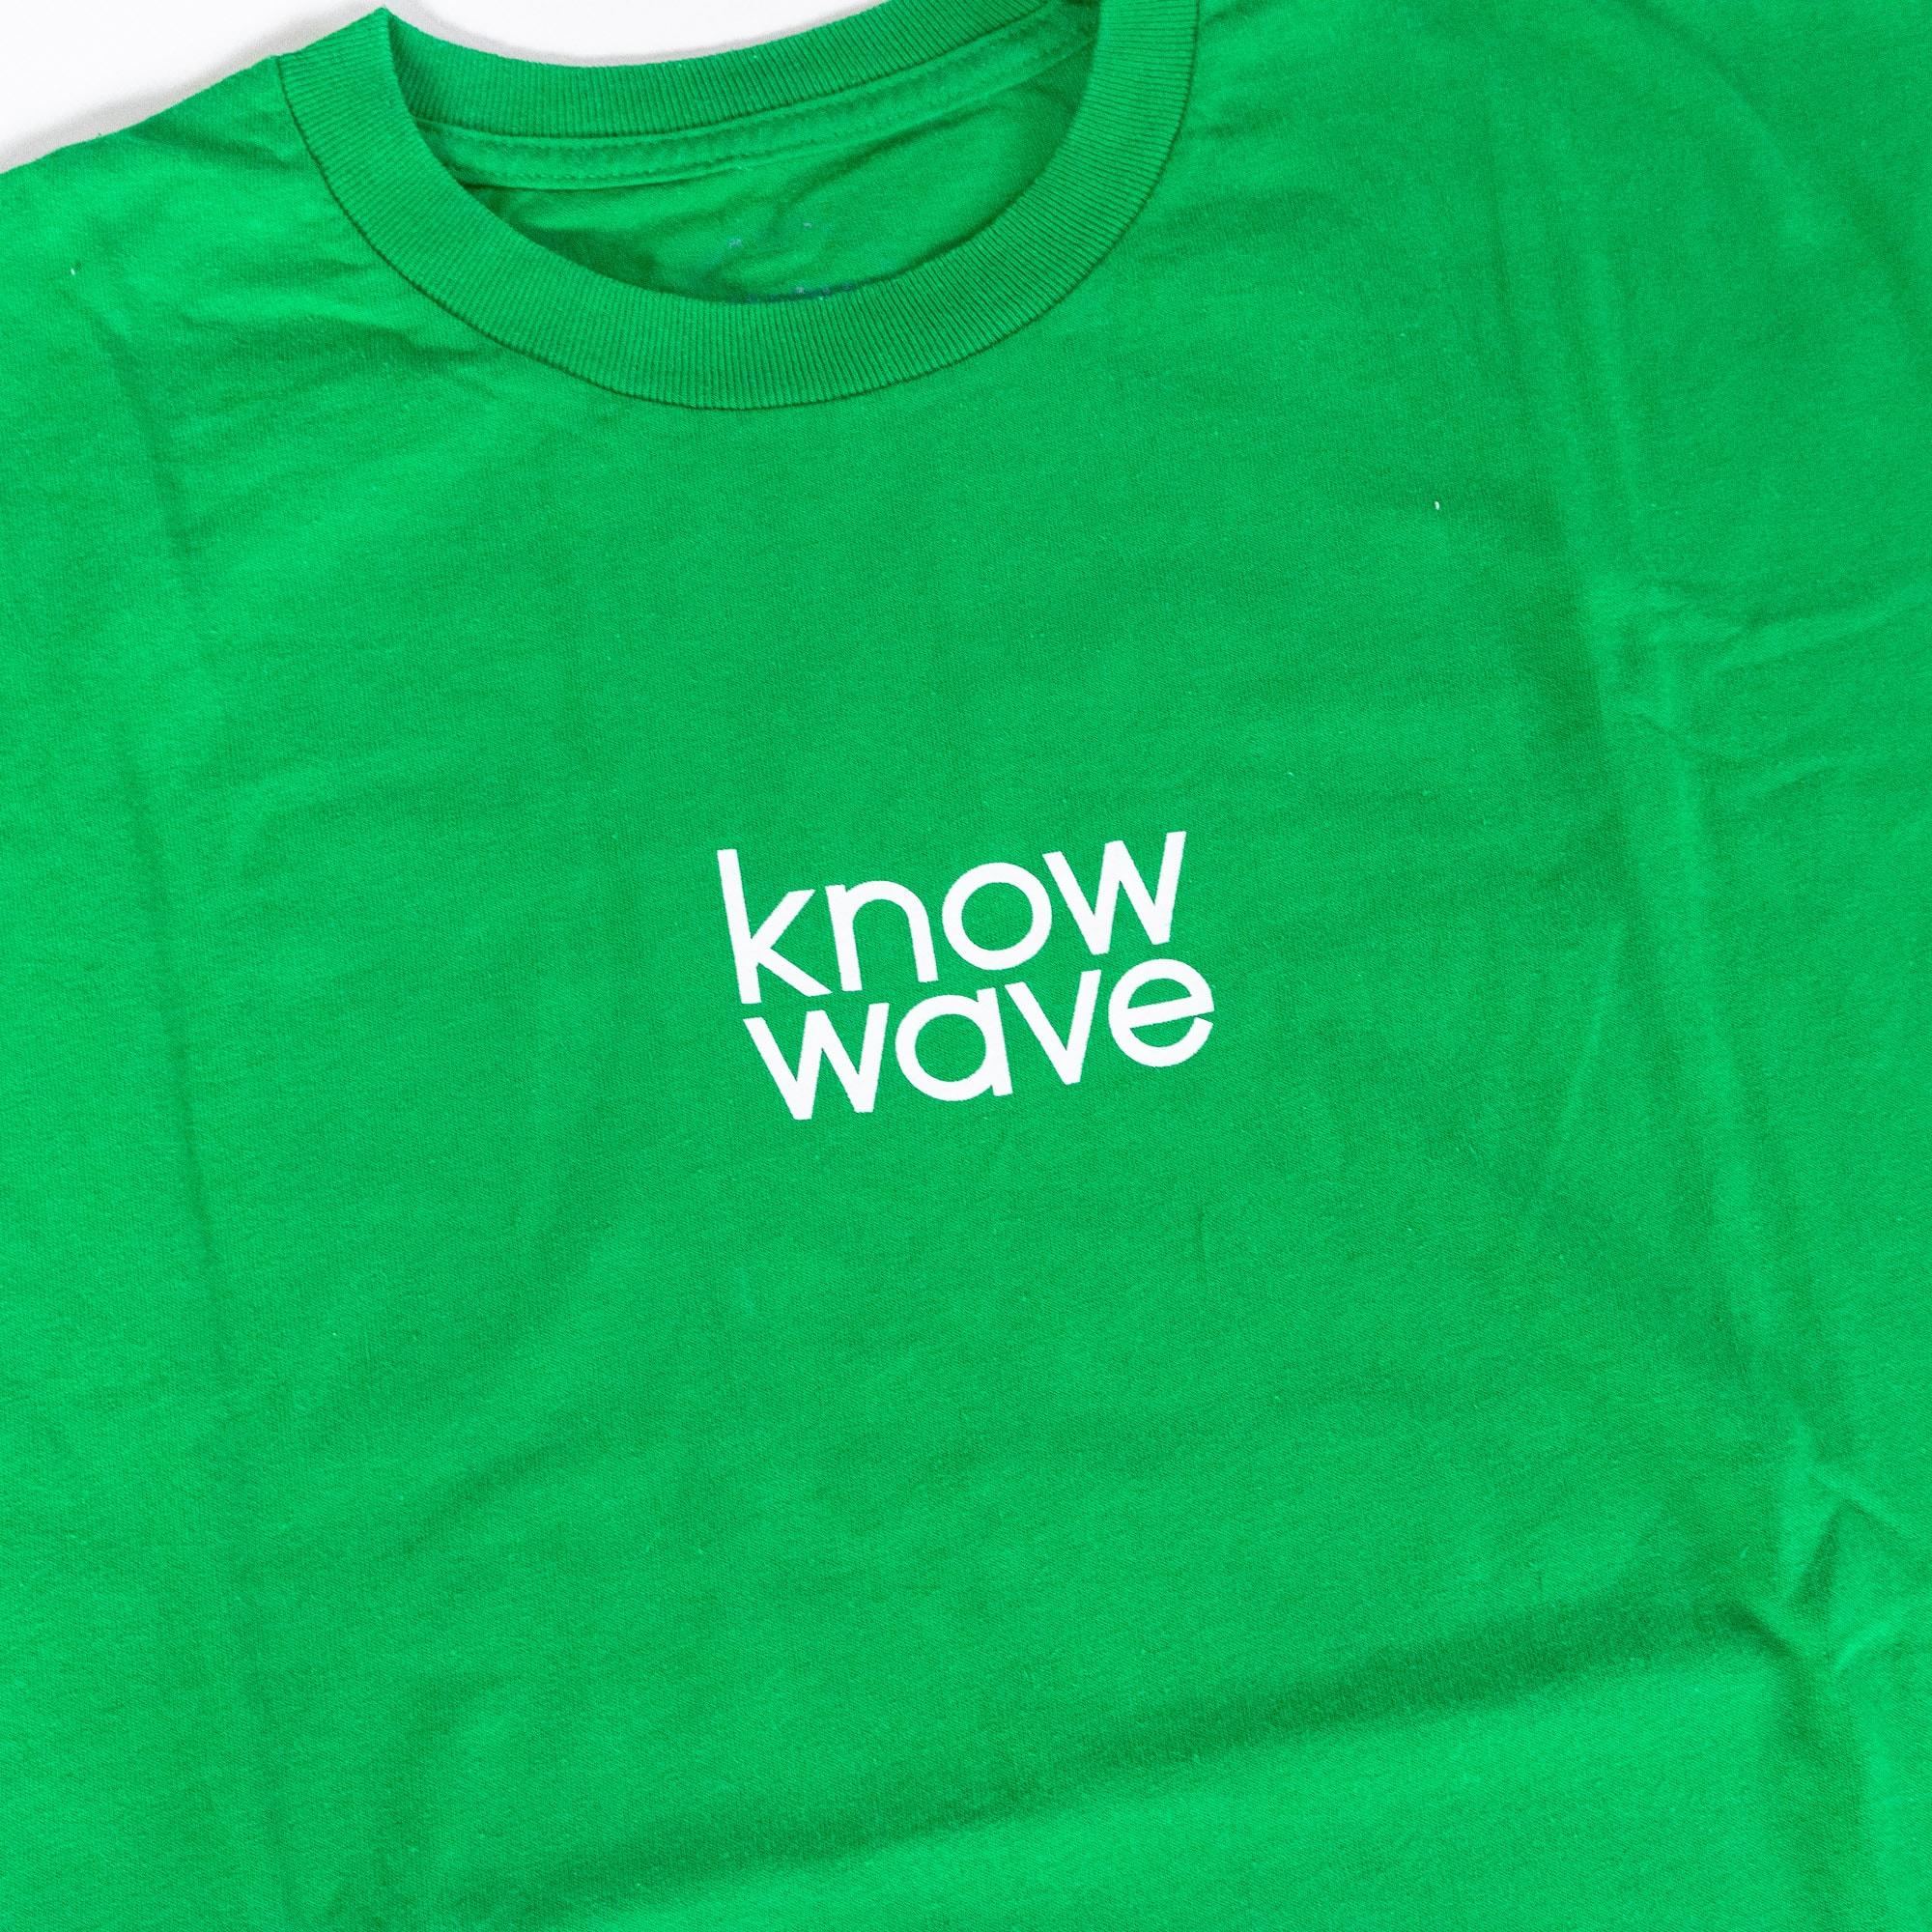 gebraucht kaufen Know Wave T-Shirt